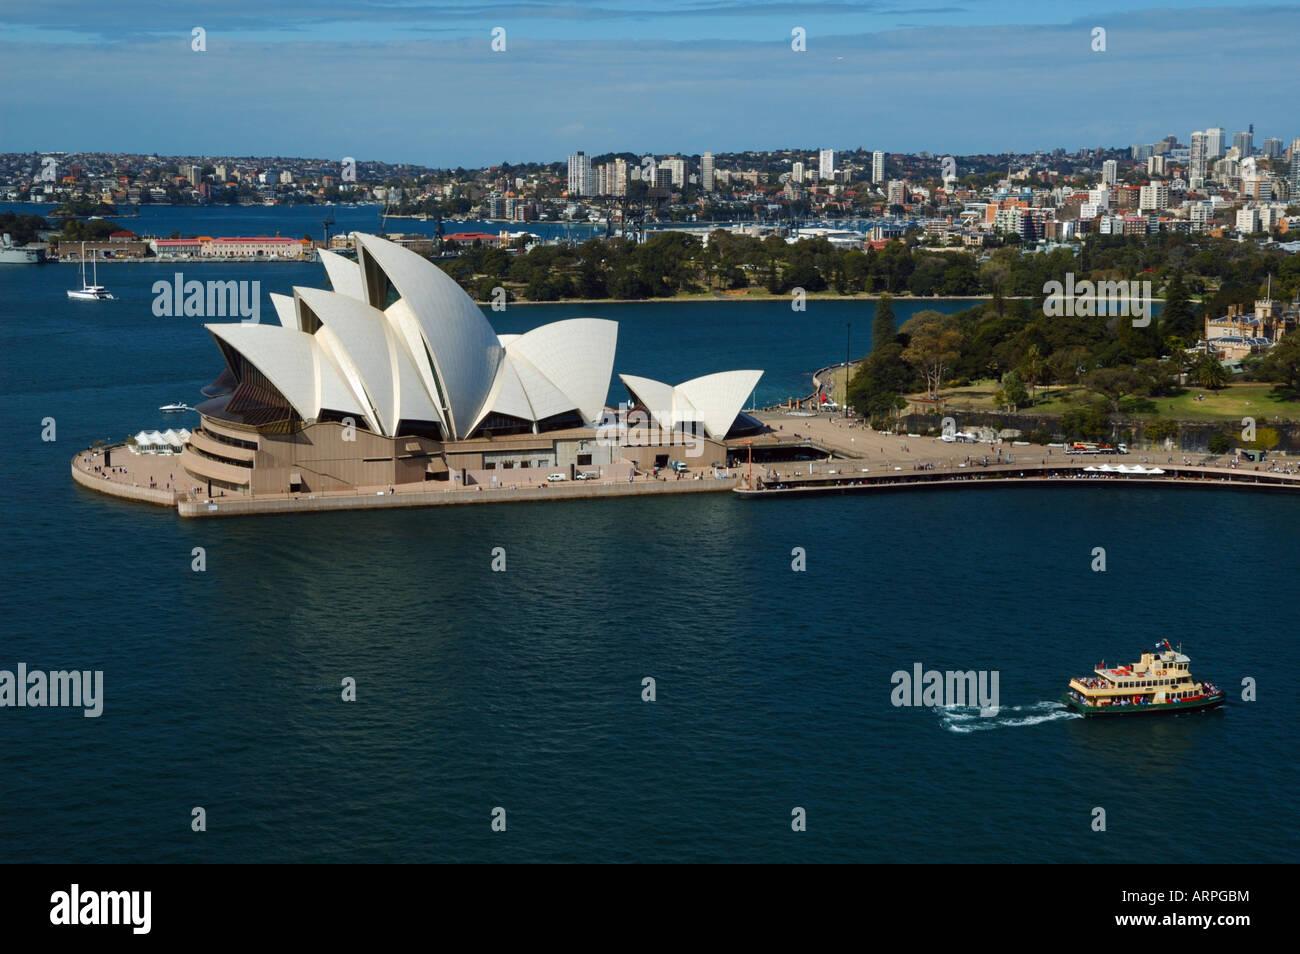 sydney-opera-house-aerial-view-sydney-ne